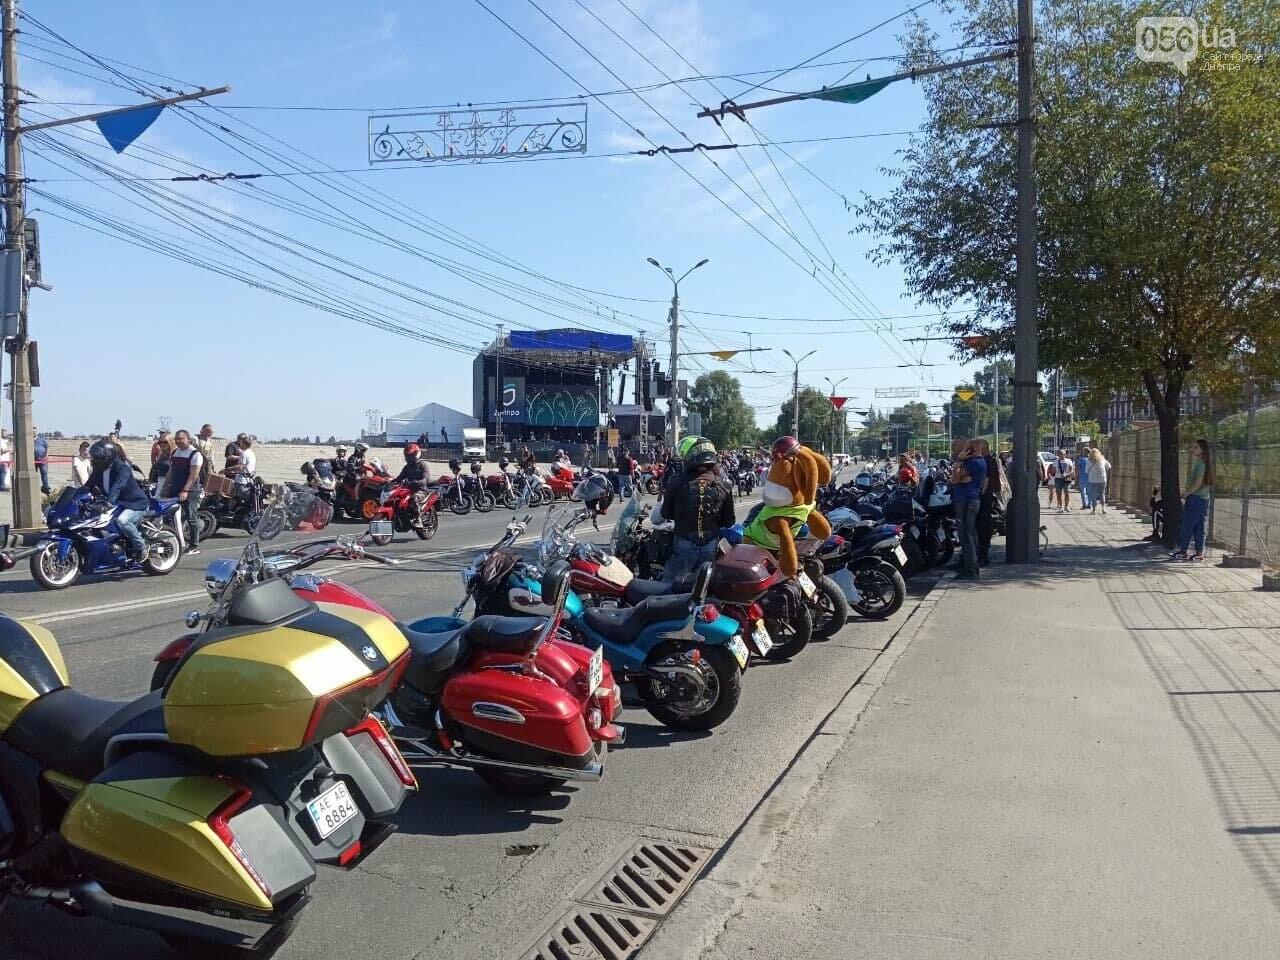 В Днепре байкеры сезон закрыли, но мотоциклы в гараж не поставили, - ФОТО, ВИДЕО, фото-10